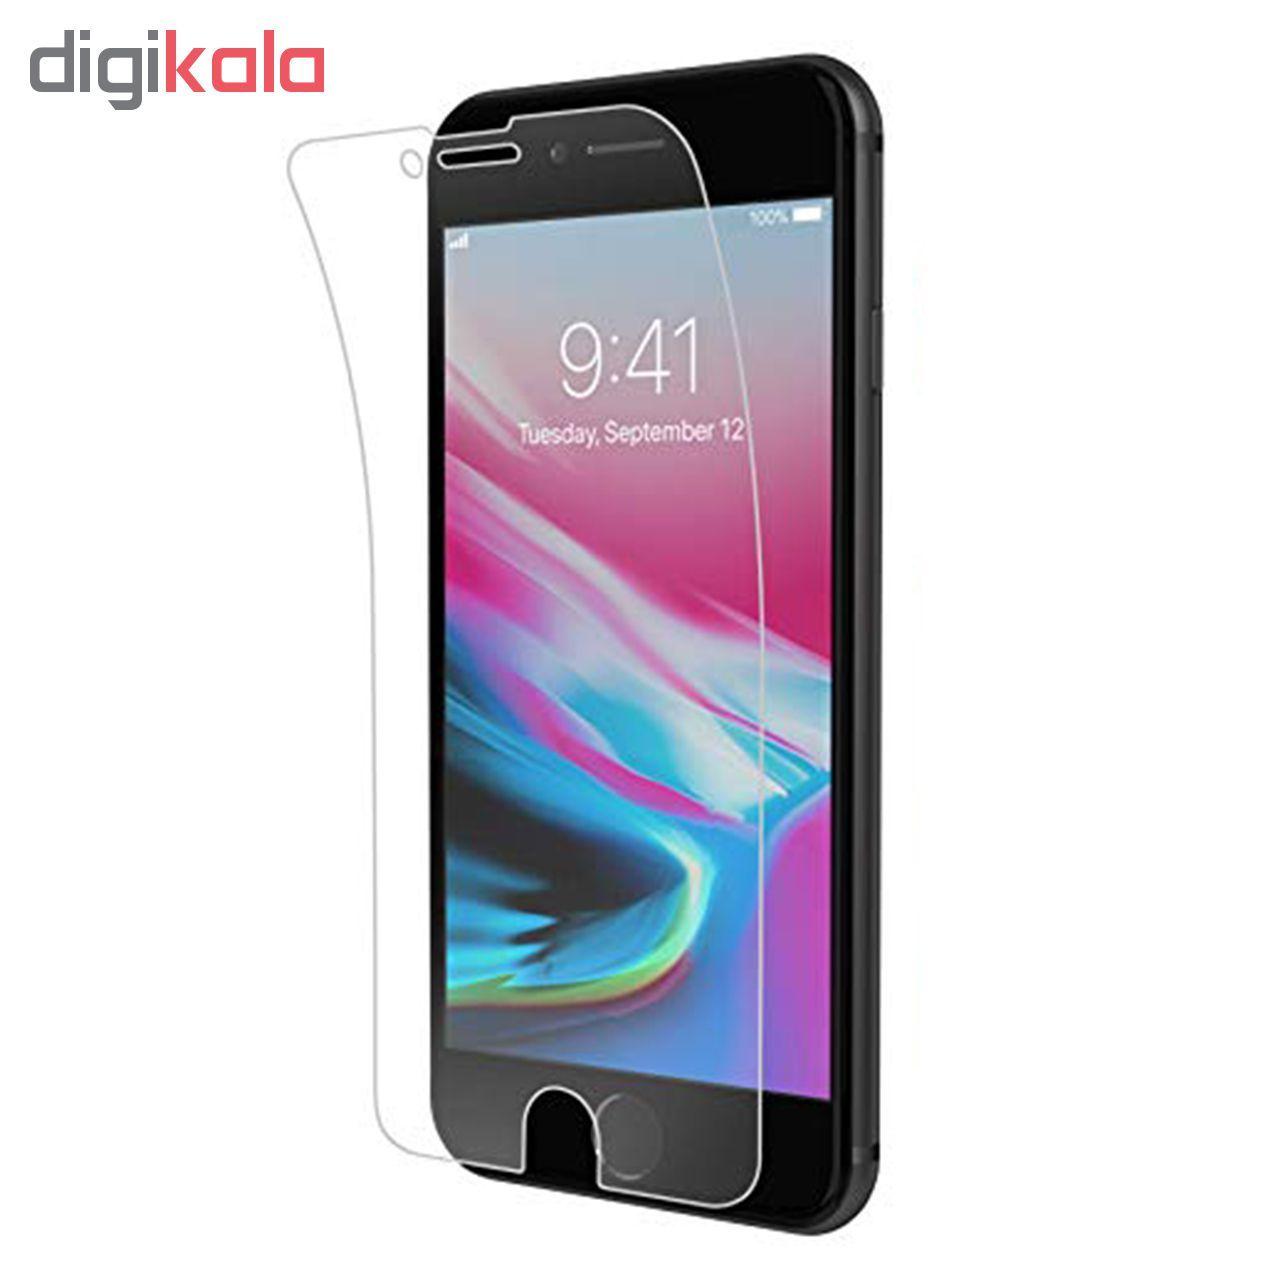 محافظ صفحه نمایش TP-01 مناسب برای گوشی موبایل اپل Iphone 6/6s main 1 1